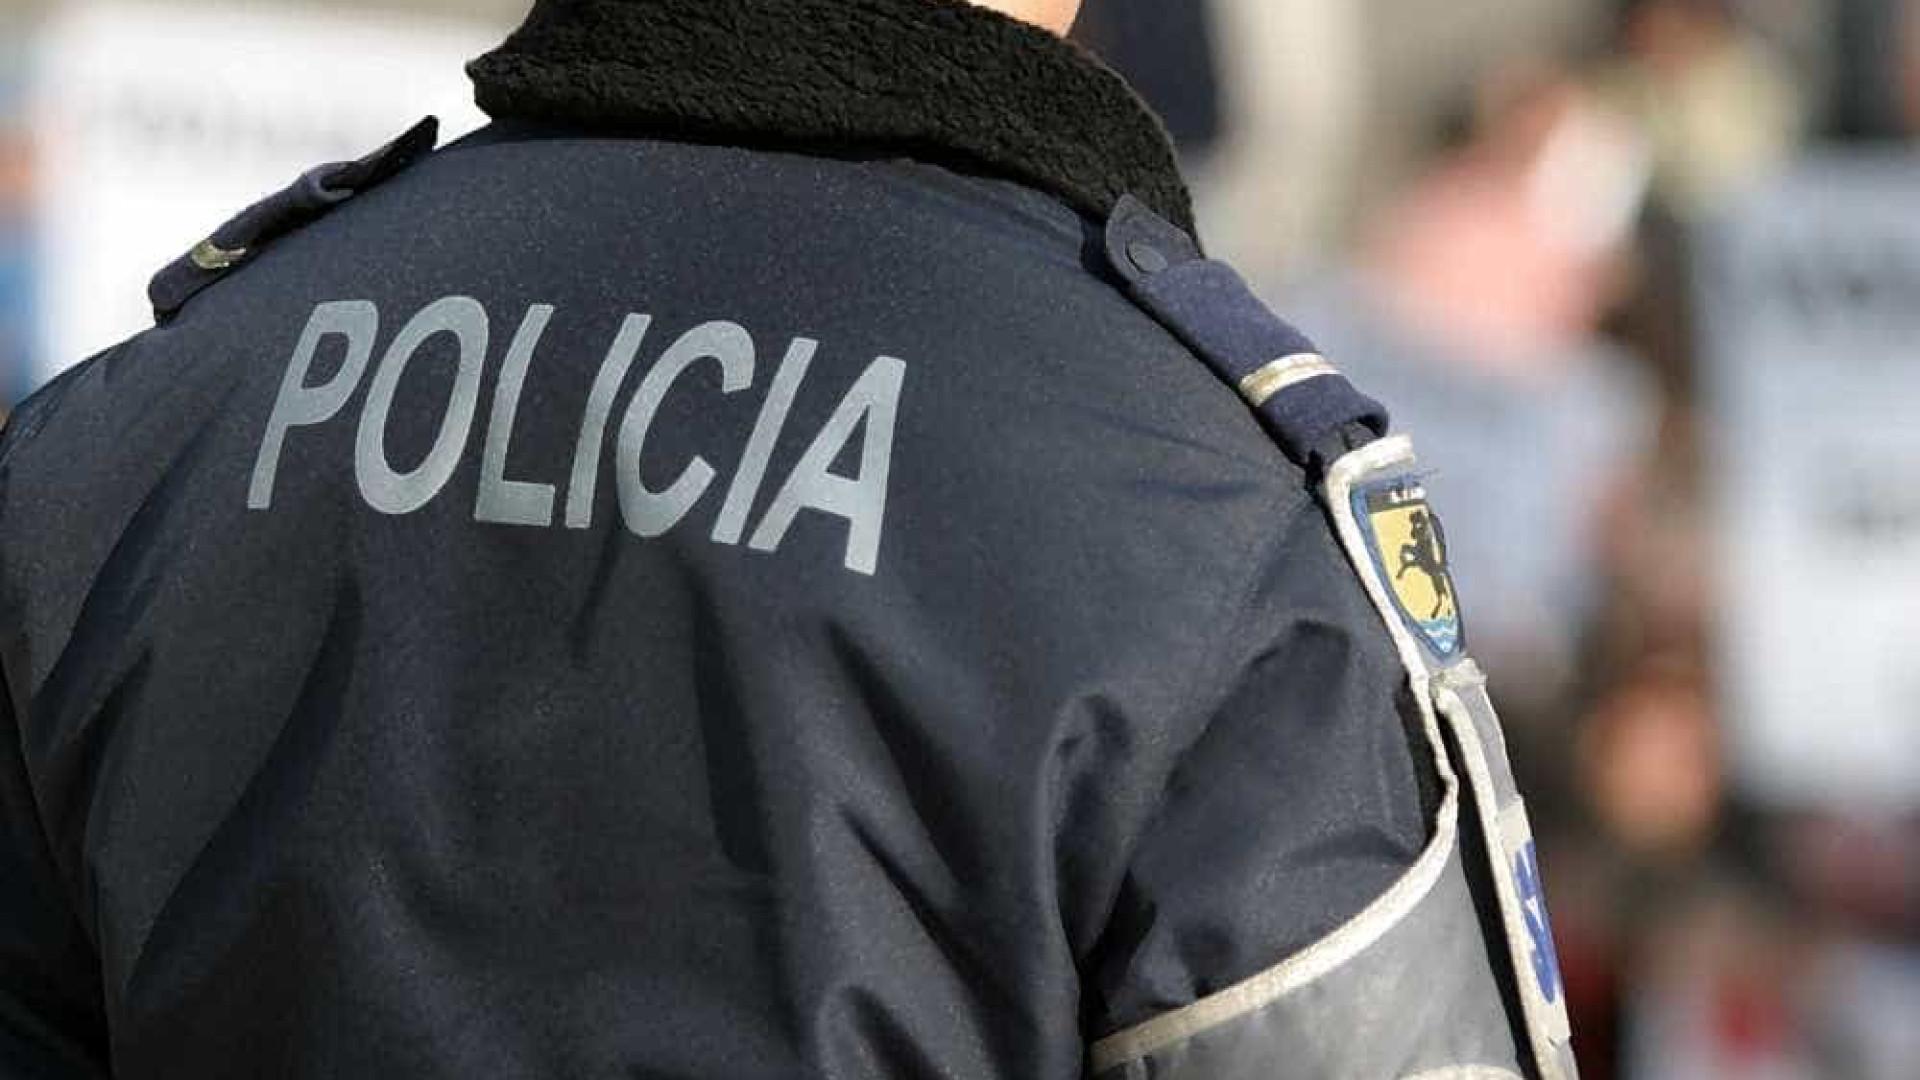 Prisão preventiva para assaltante suspeito de vários furtos